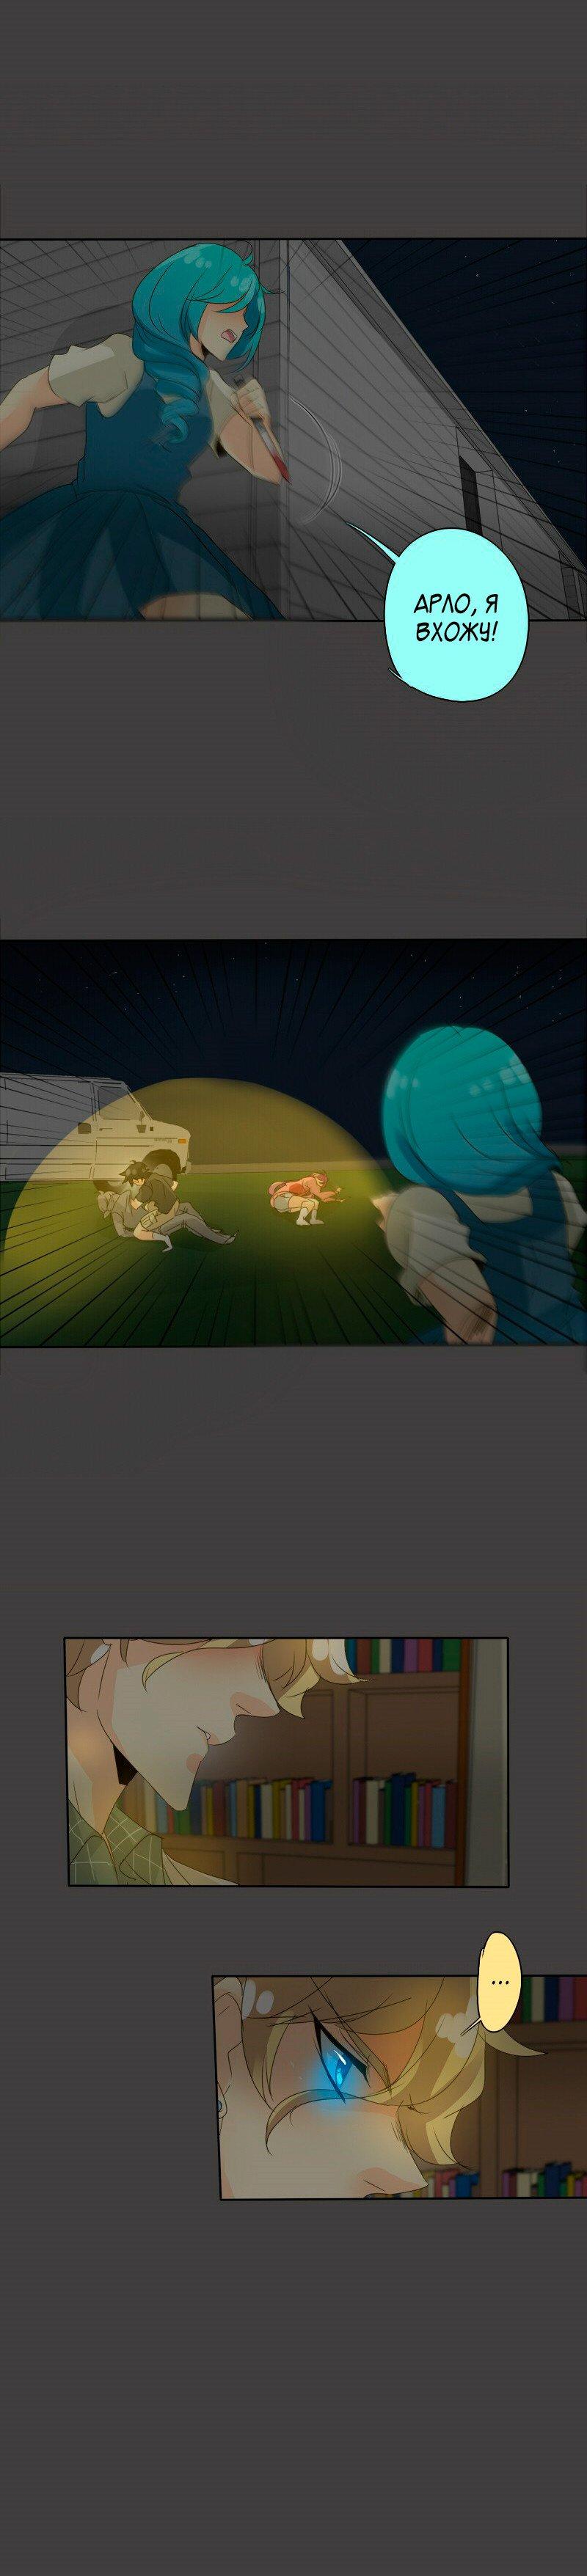 Манга неОРДИНАРНЫЕ / unORDINARY  - Том 1 Глава 75 Страница 8